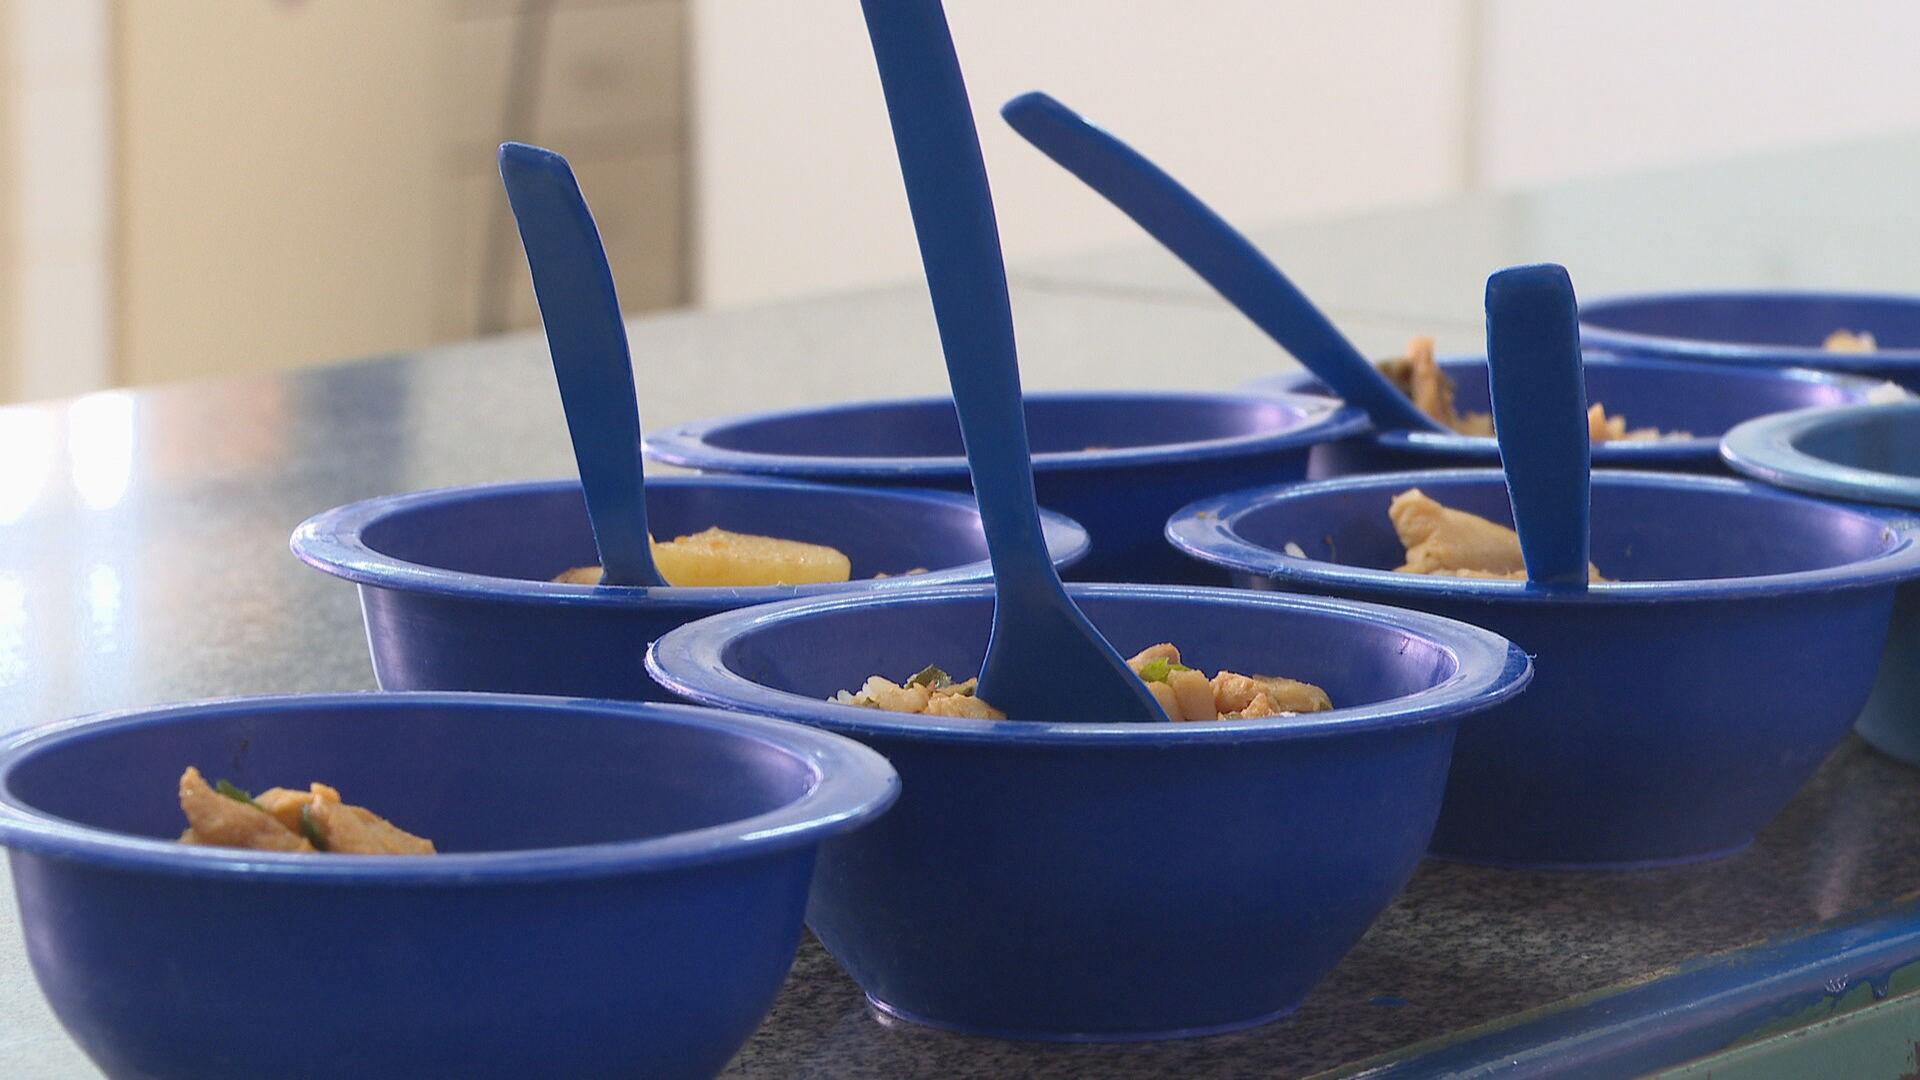 Secretaria de Educação faz eleição para integrantes do Conselho de Alimentação Escolar em Juiz de Fora